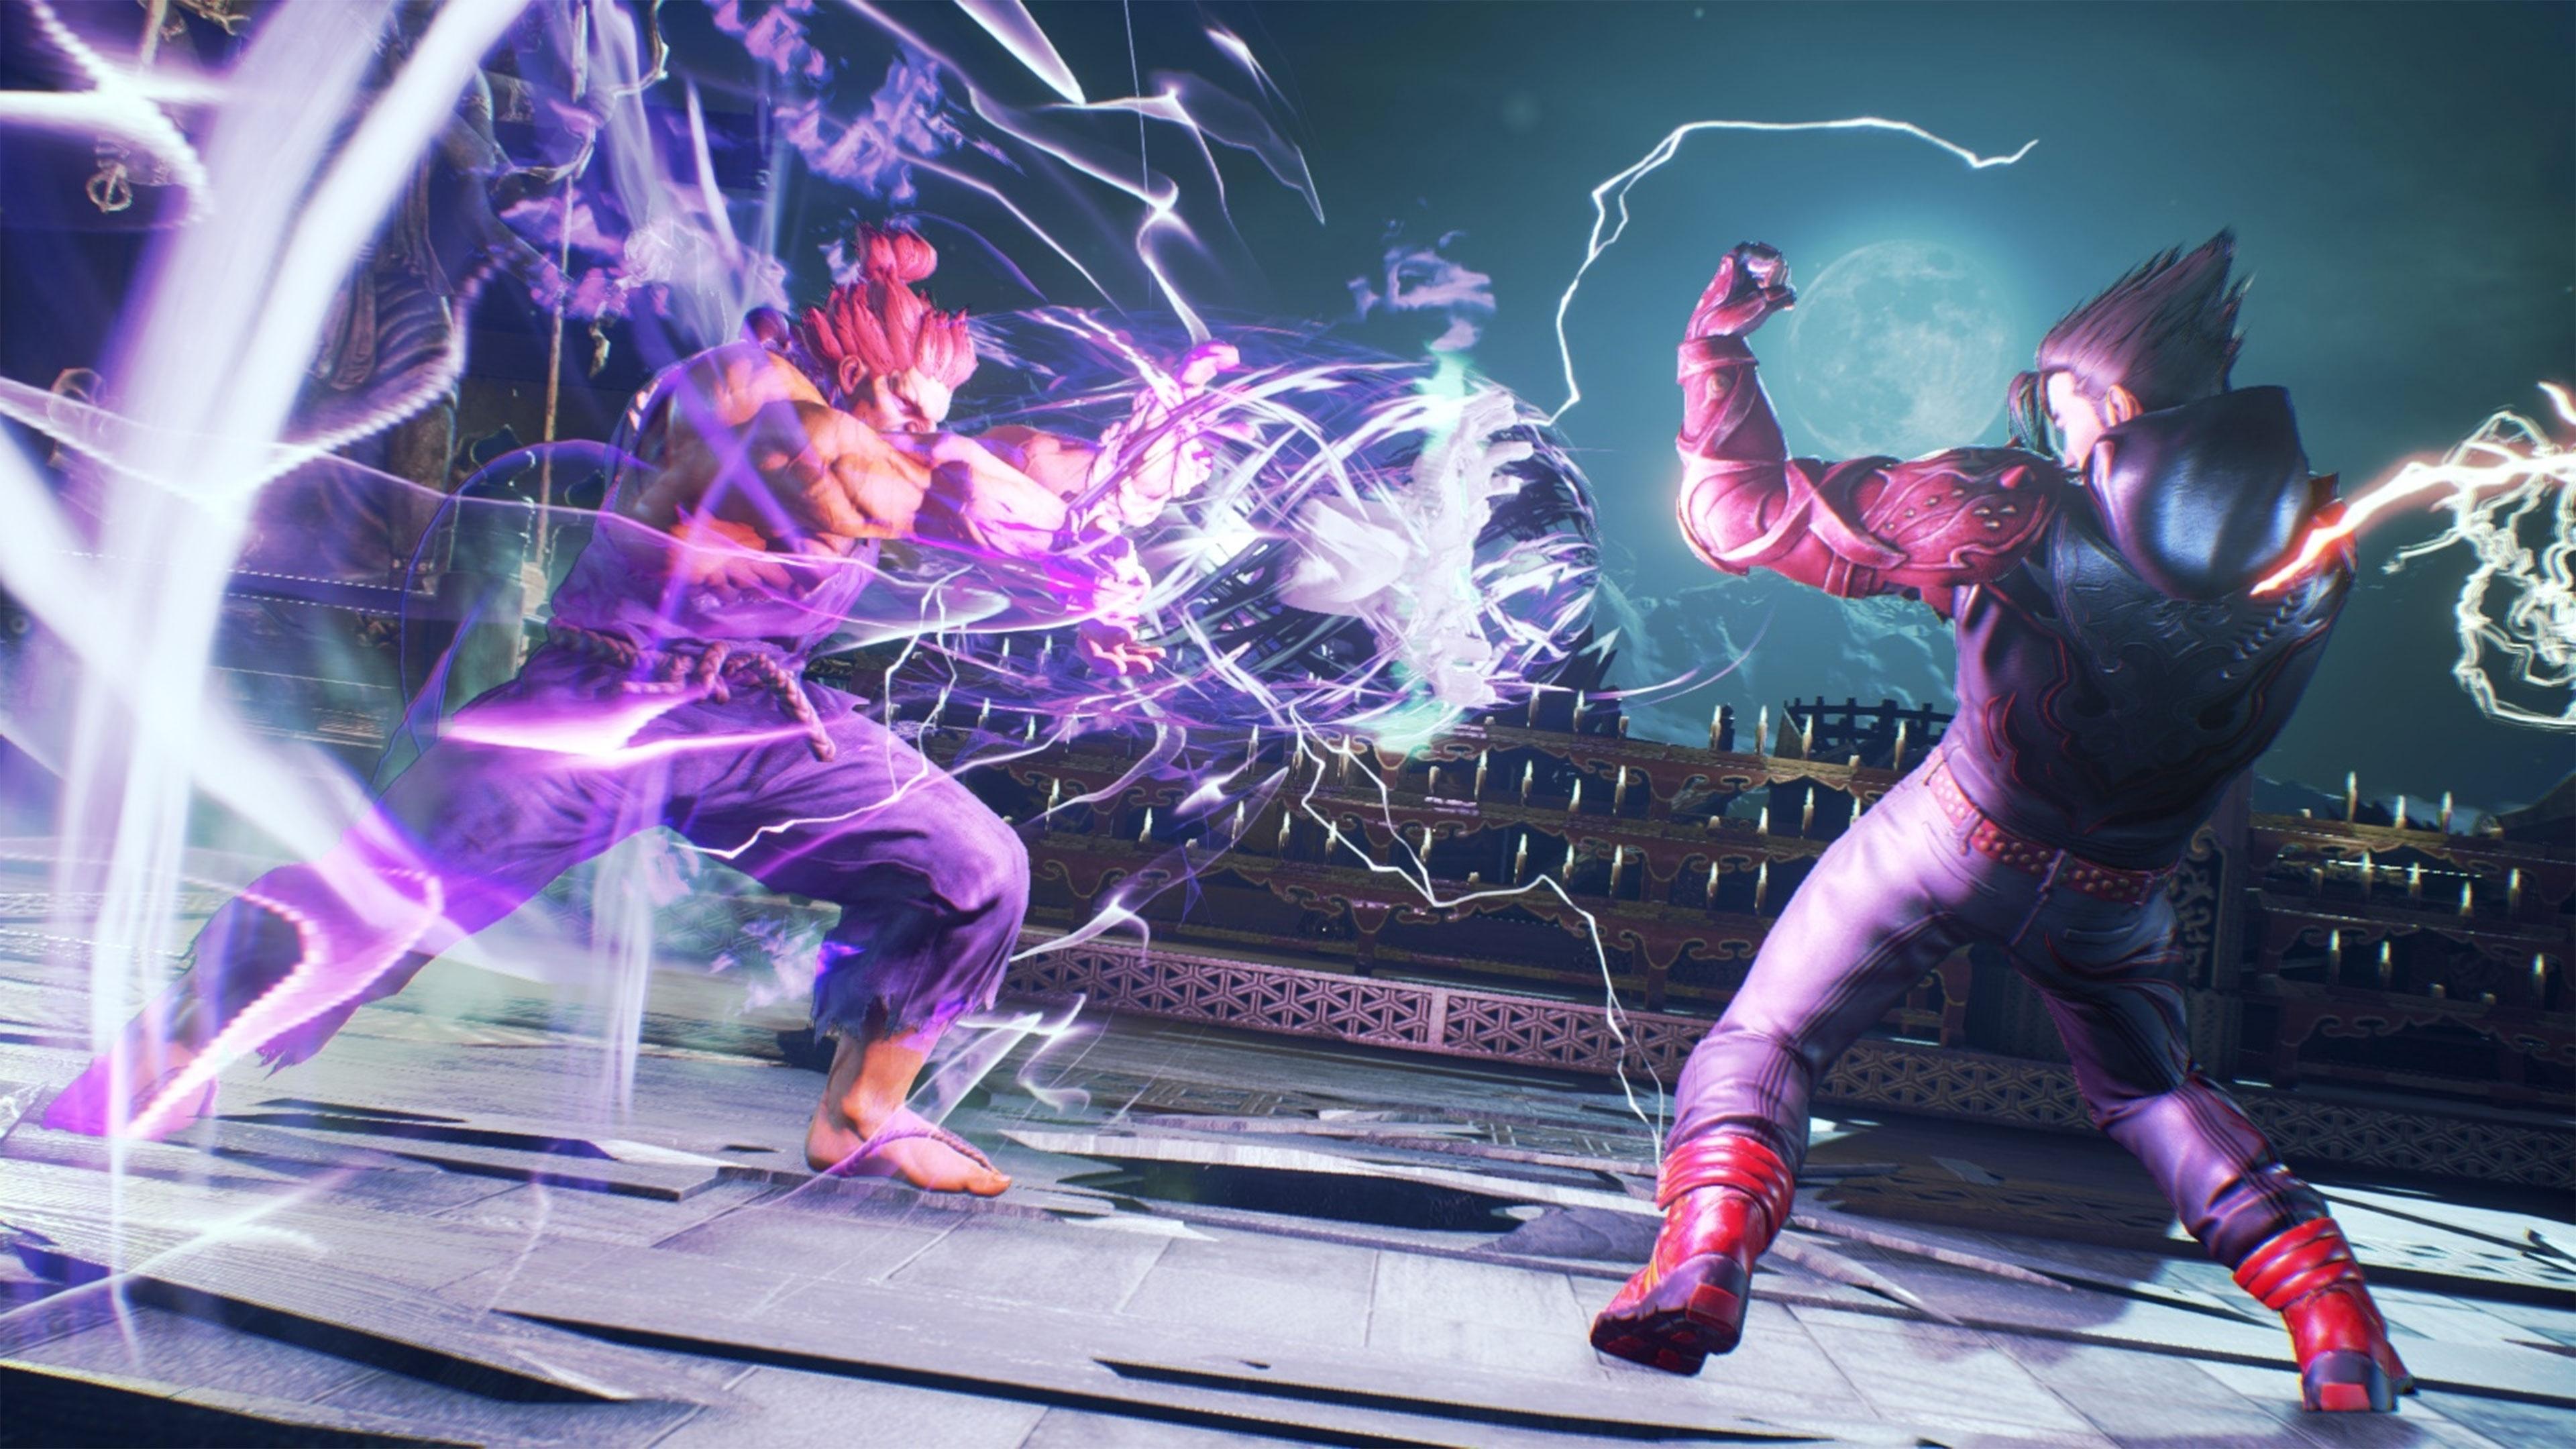 Red Devil Hd Wallpaper Tekken 7 Wallpapers In Ultra Hd 4k Gameranx